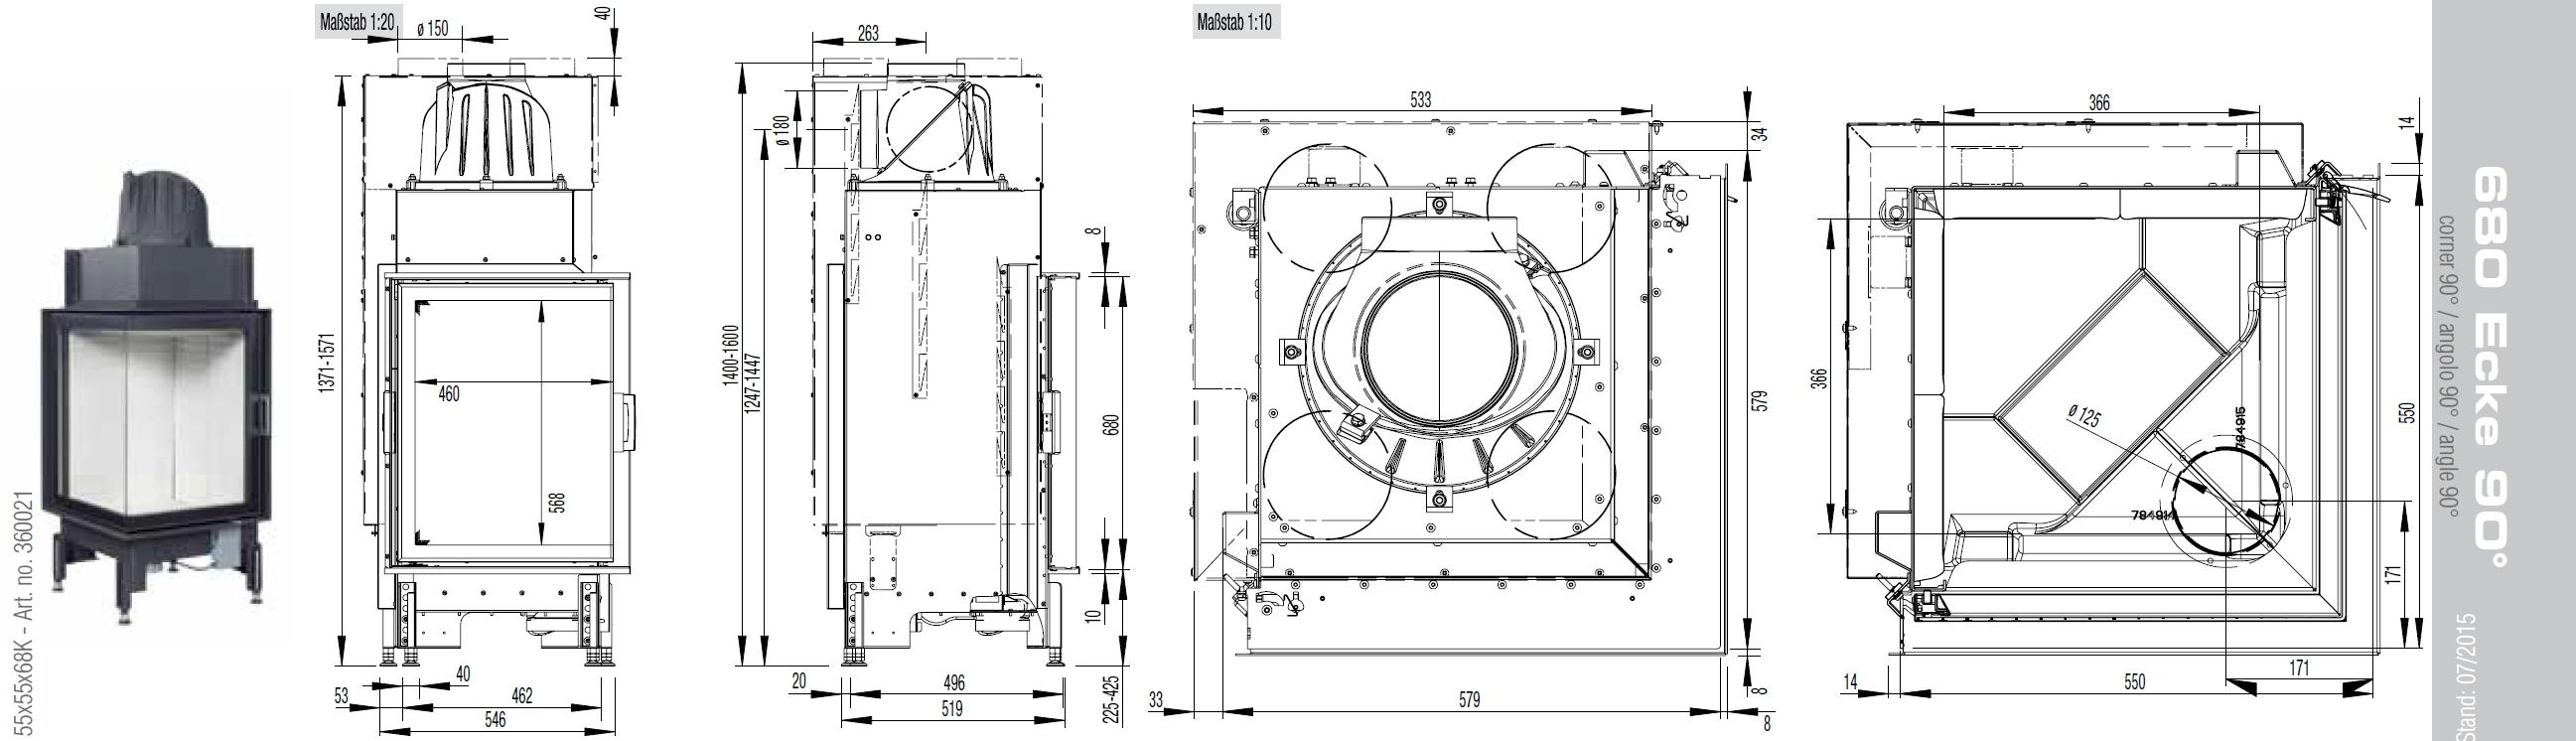 austroflamm kamineinsatz eckkamin 55x55x68 k hotline 7 21 uhr 0177 530 9030. Black Bedroom Furniture Sets. Home Design Ideas